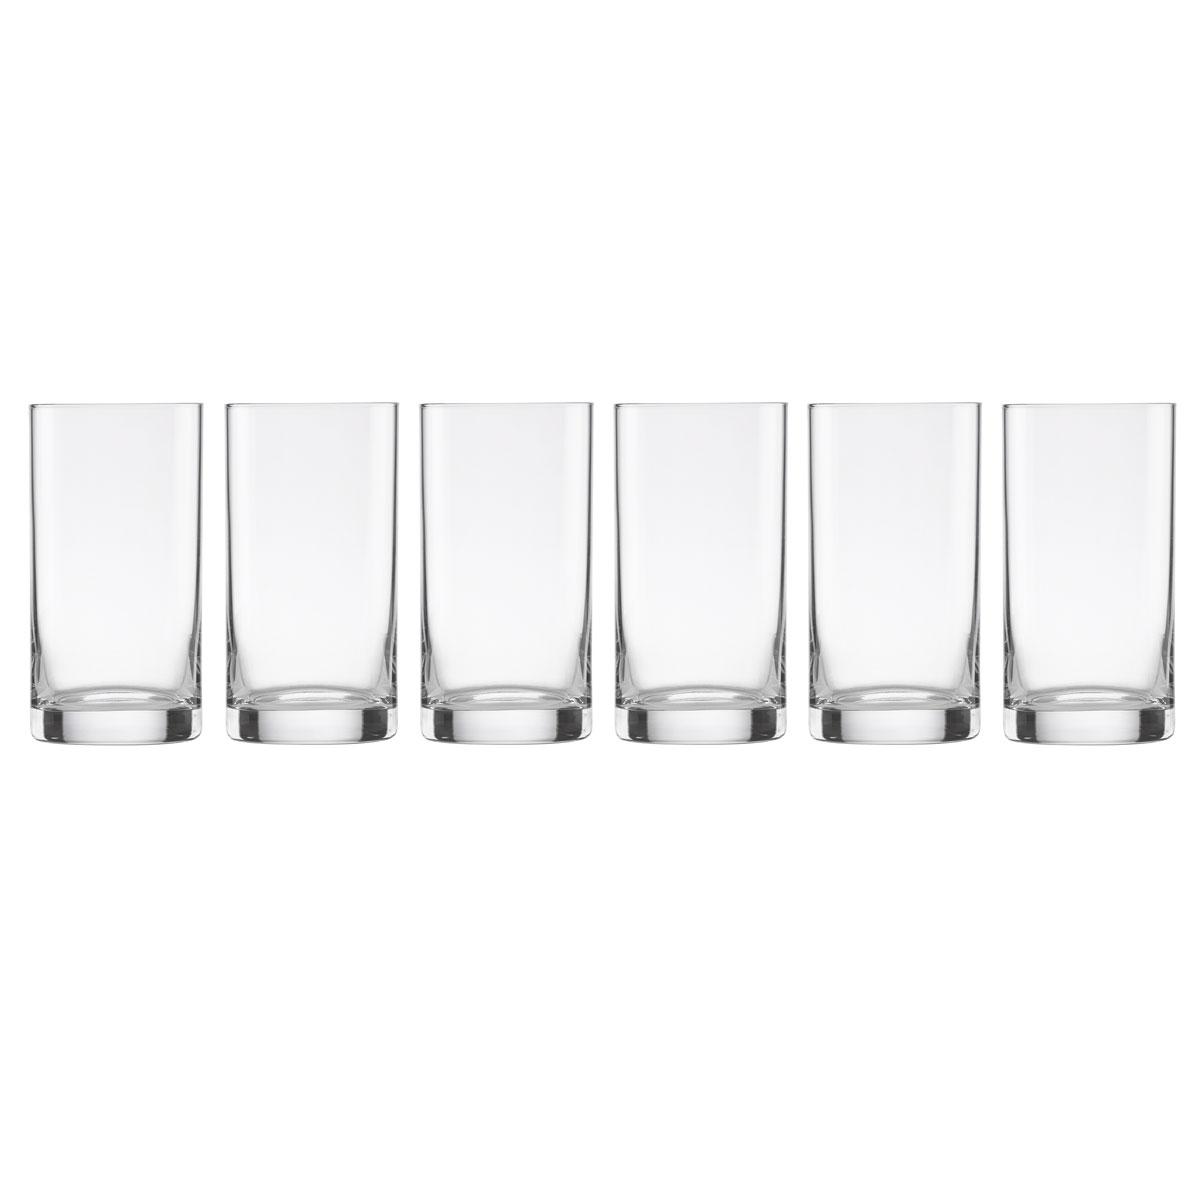 Lenox Tuscany Classics Juice Glasses, Set of 6